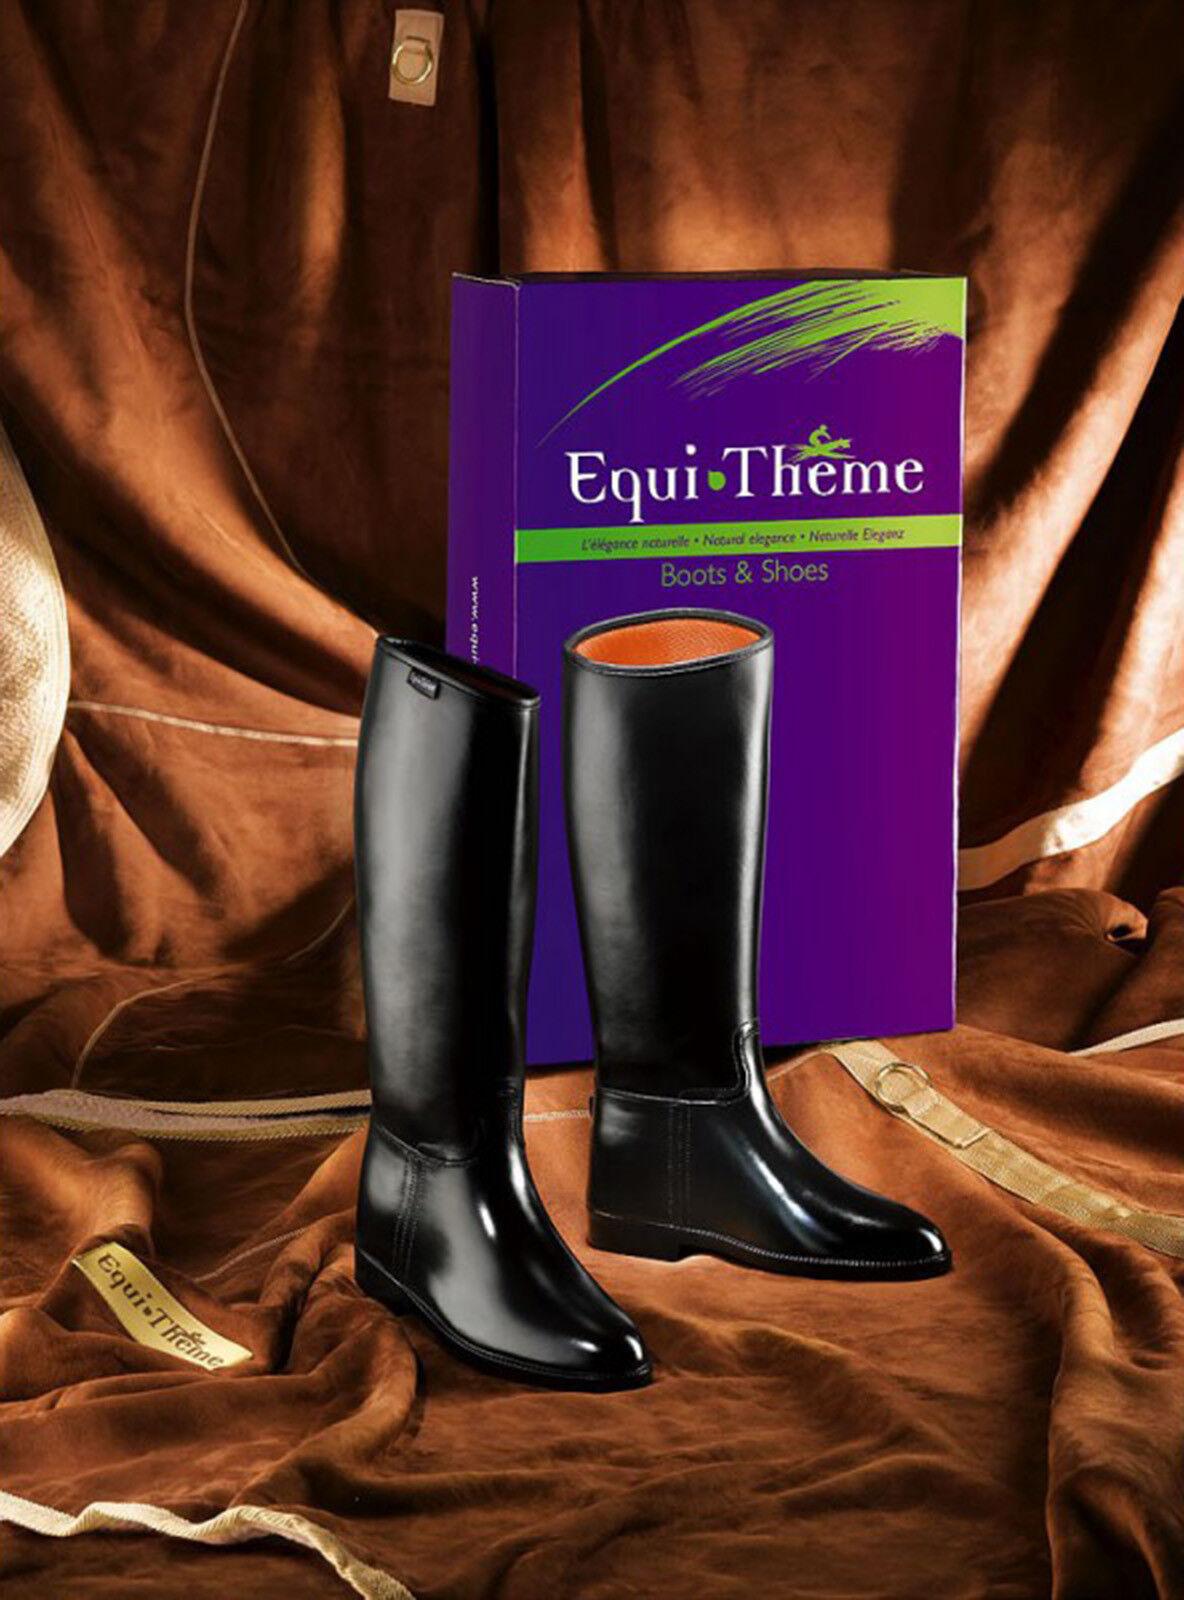 Equi Theme riding Stivali Stivali Stivali Stivali MONTALA TG 37 S (W 34,5 cm H 42 cm) | A Buon Mercato  | riparazione  edb753